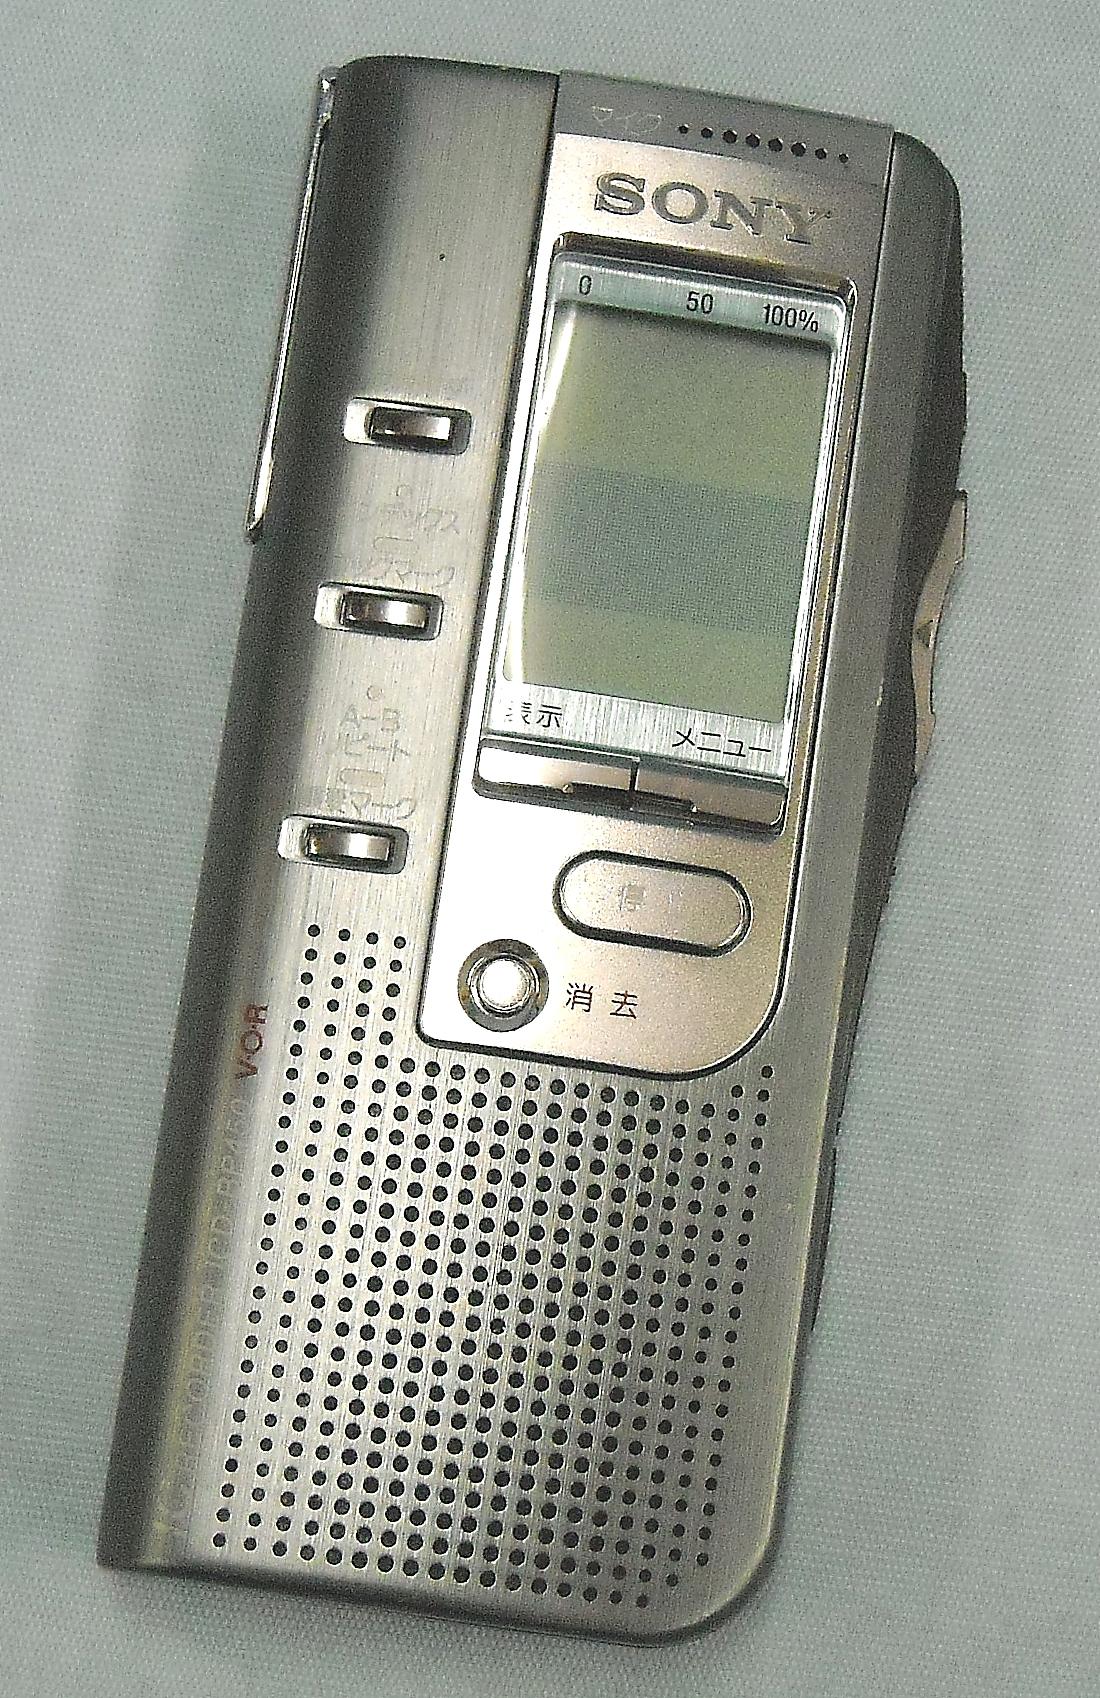 SONY ICレコーダー ICD-BP450